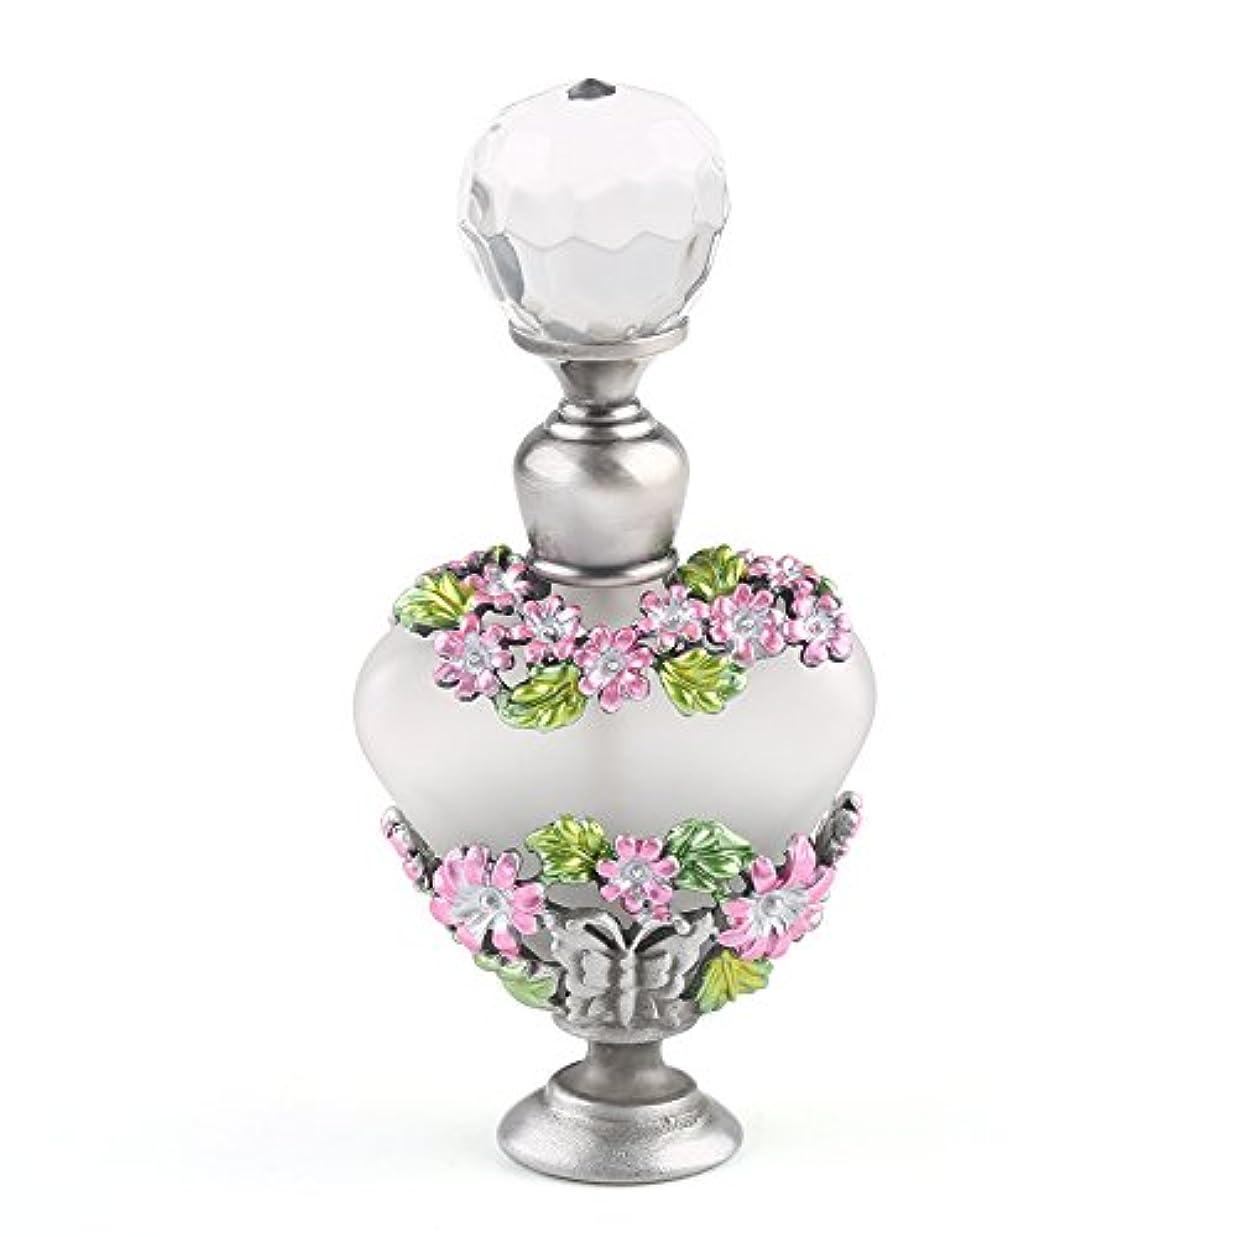 代数魅惑するモニカVERY100 高品質 美しい香水瓶/アロマボトル 5ML アロマオイル用瓶 綺麗アンティーク調 フラワーデザイン プレゼント 結婚式 飾り 58778